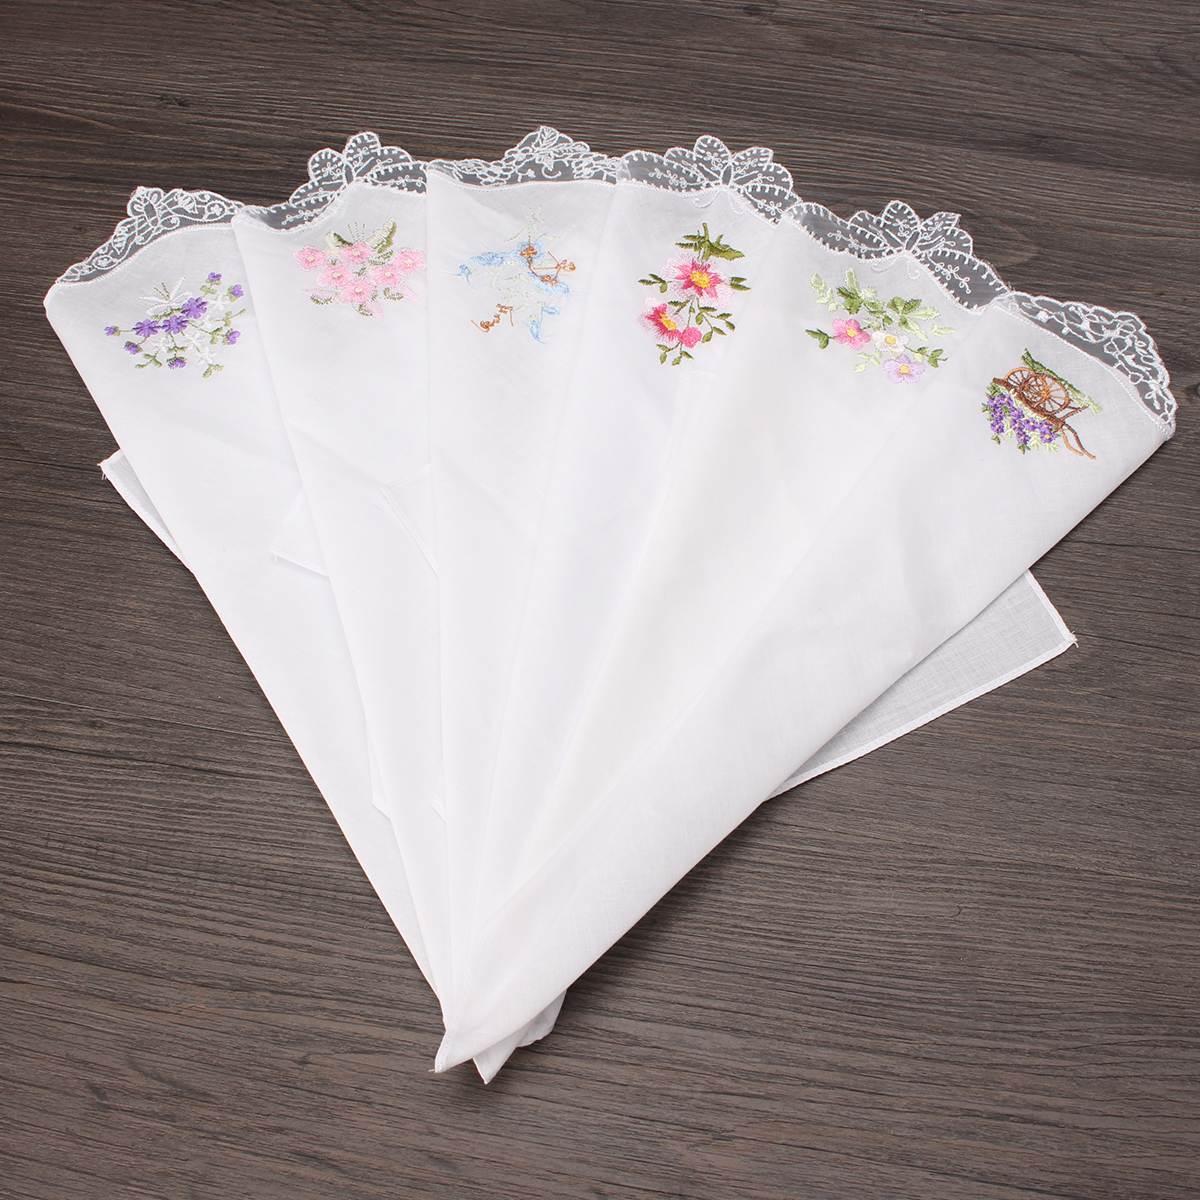 Brillant 6 Teile/los 100% Baumwolle Blume Taschentücher Für Frauen 28*28 Cm Serviette Gestickte Blumen Waschen Hand Platz Handtücher Damen Spitze Hanky